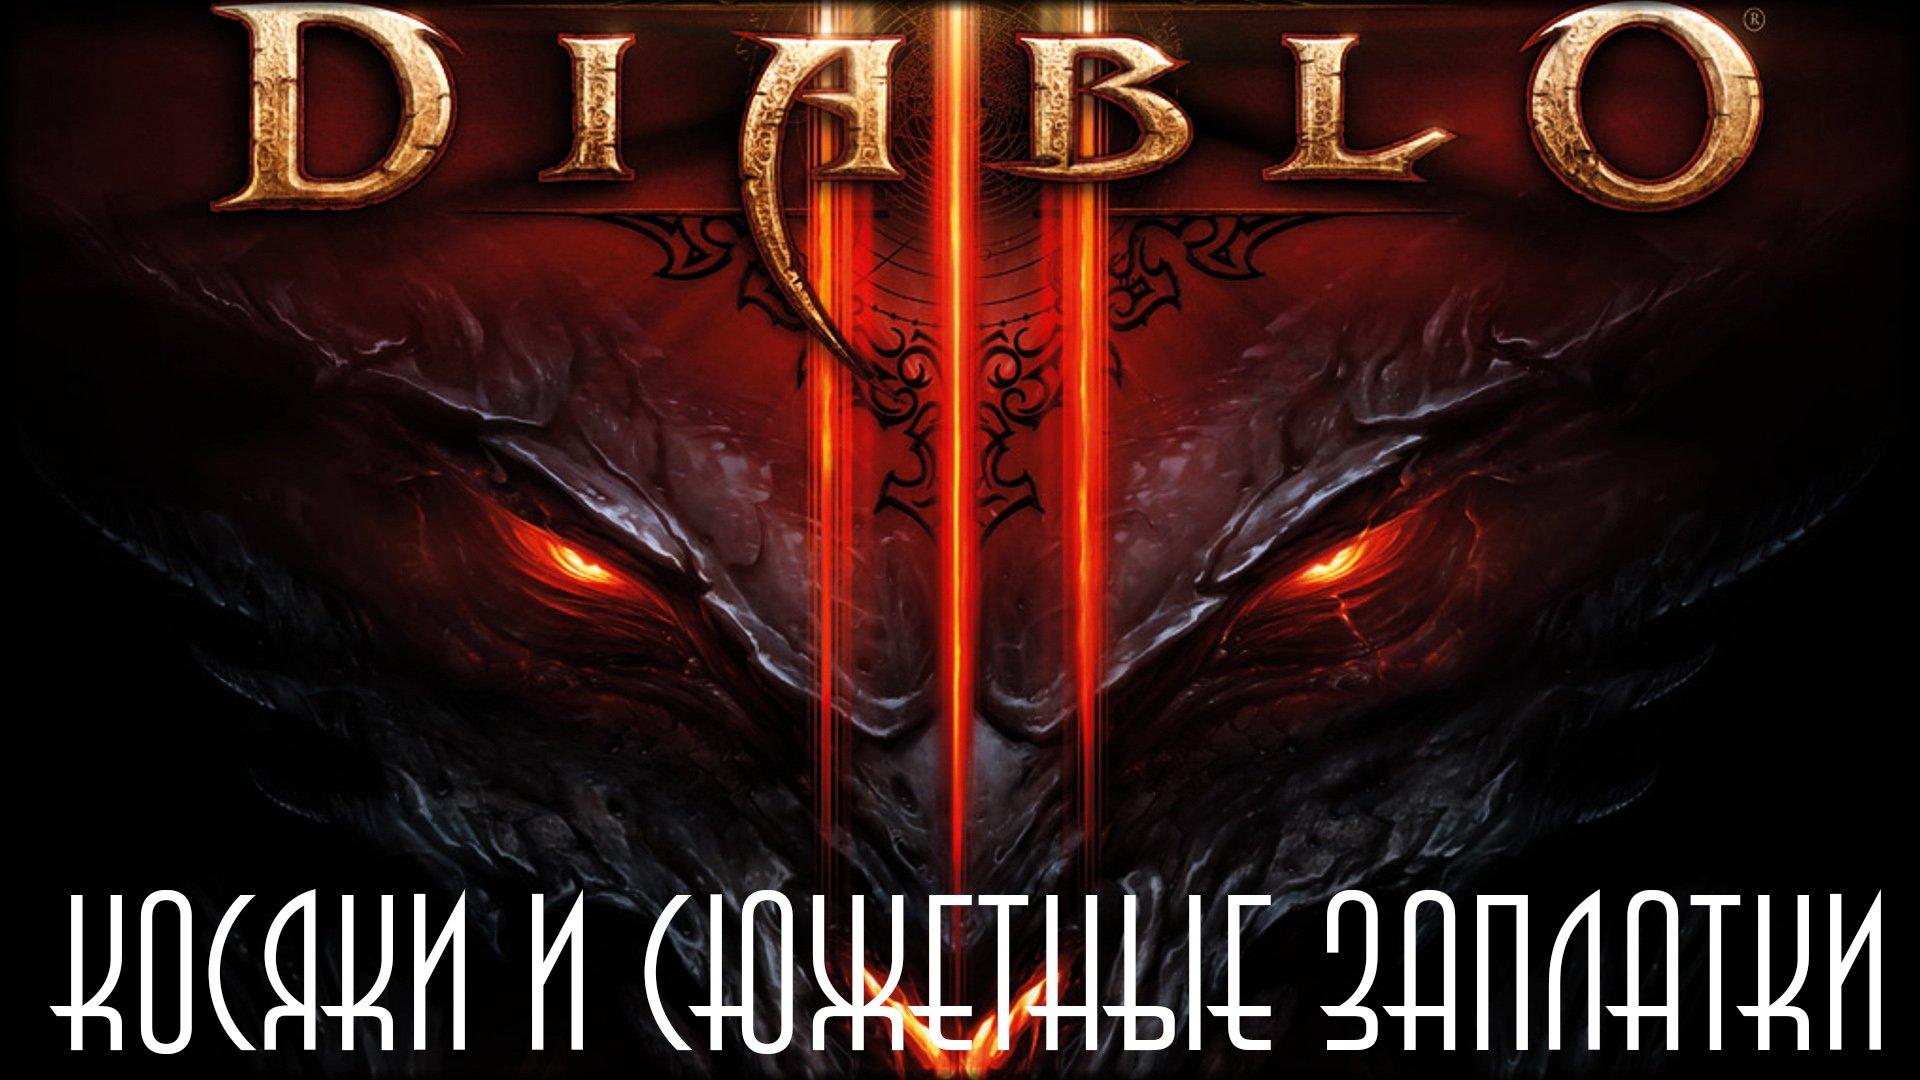 █ Прости, Отец, мы профукали Diablo 3 █ Часть 4 █ Финал. - Изображение 1